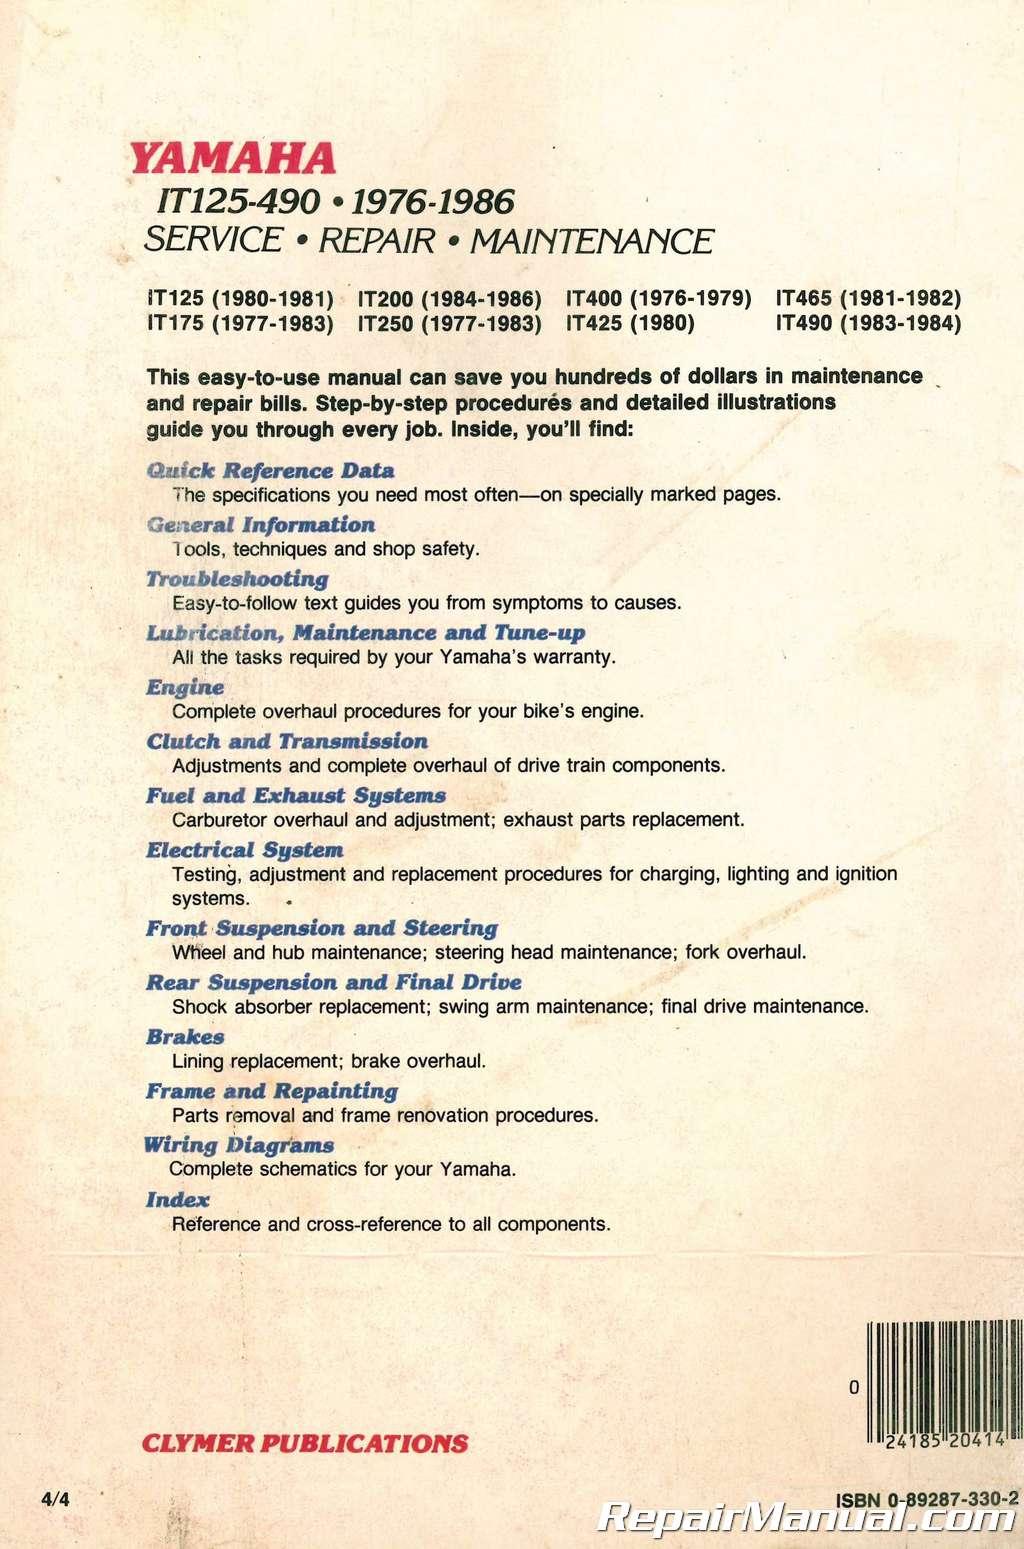 Used Yamaha IT125 IT175 IT200 IT400 IT425 IT465 IT490 Motorcycle Manual  1976-1986